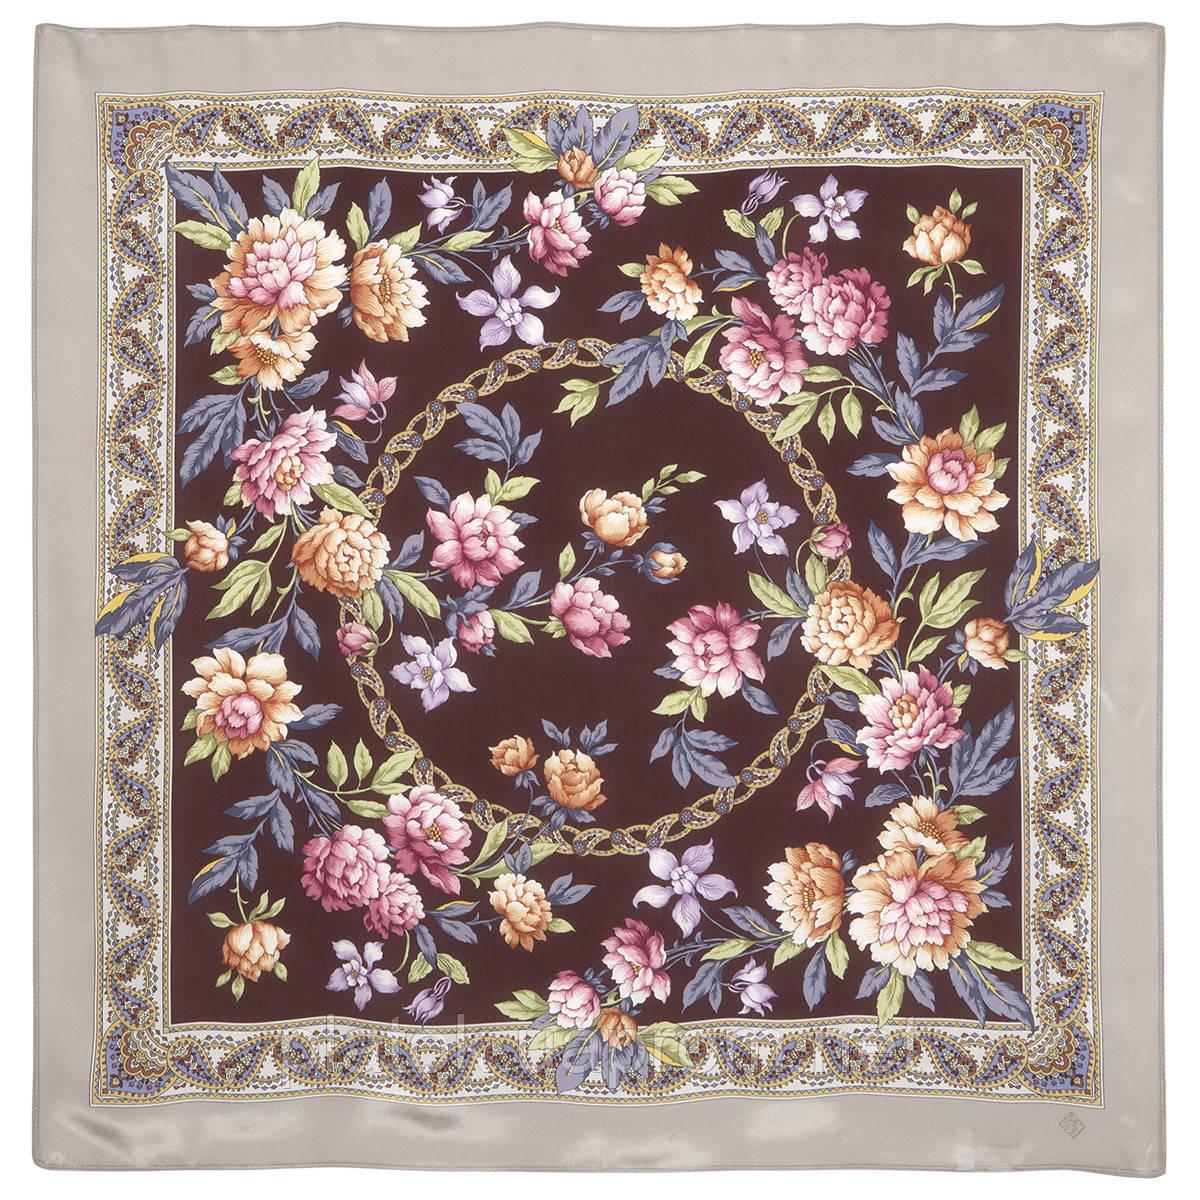 Улыбка принцессы 1596-16, павлопосадский платок (крепдешин) шелковый с подрубкой